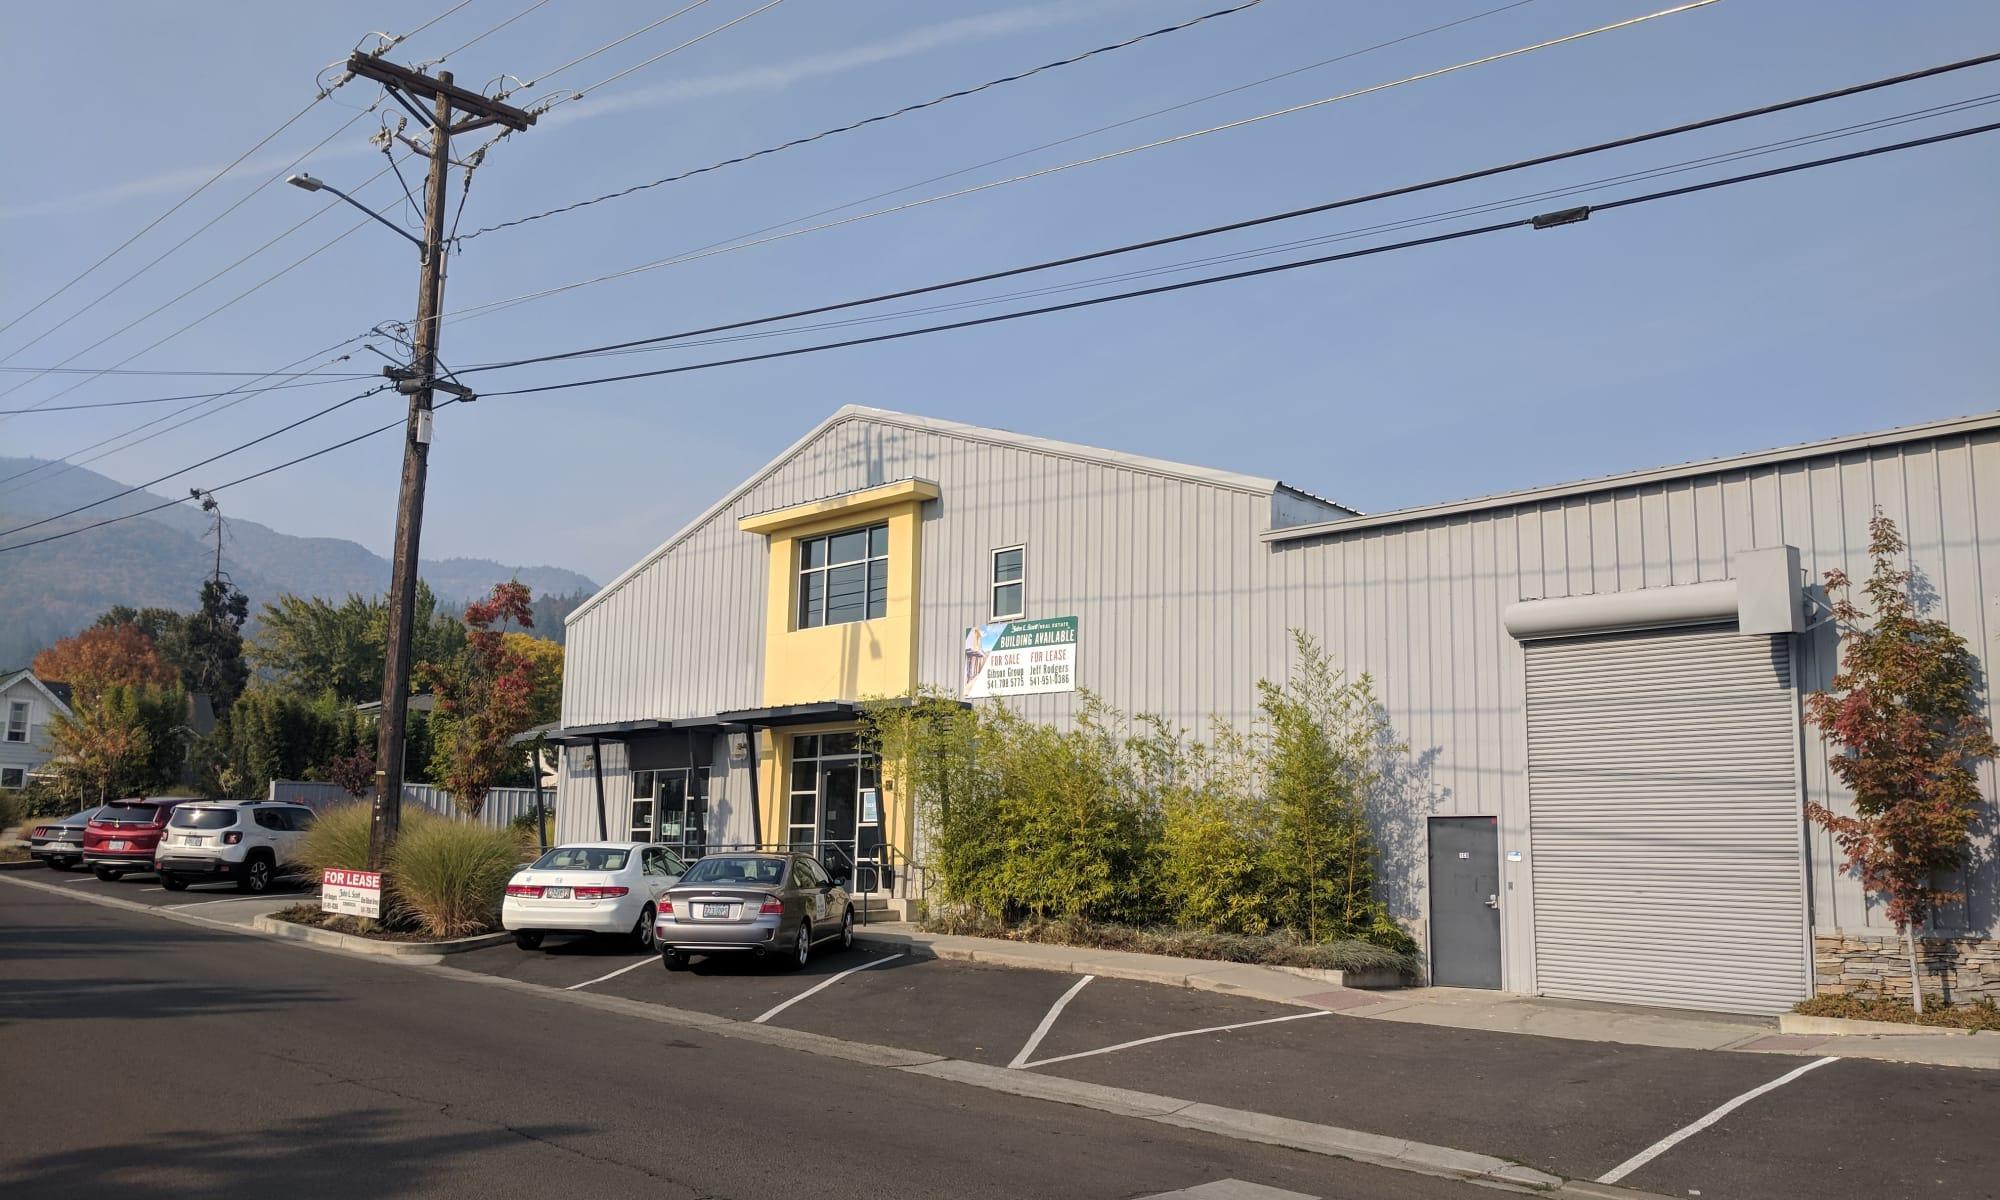 255 Helman St in Ashland, Oregon